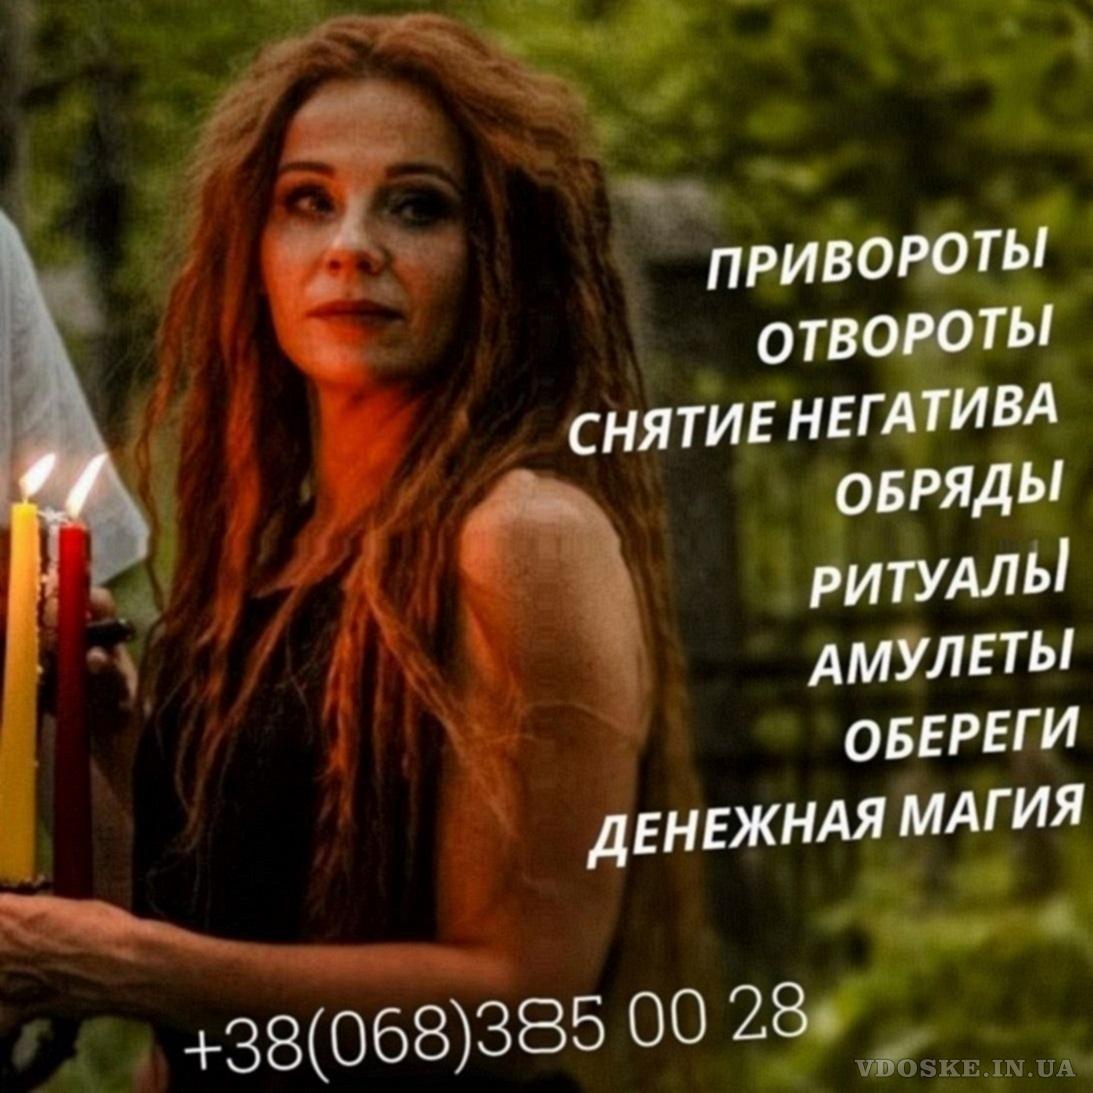 Помощь мага Киев. Гадание Таро.